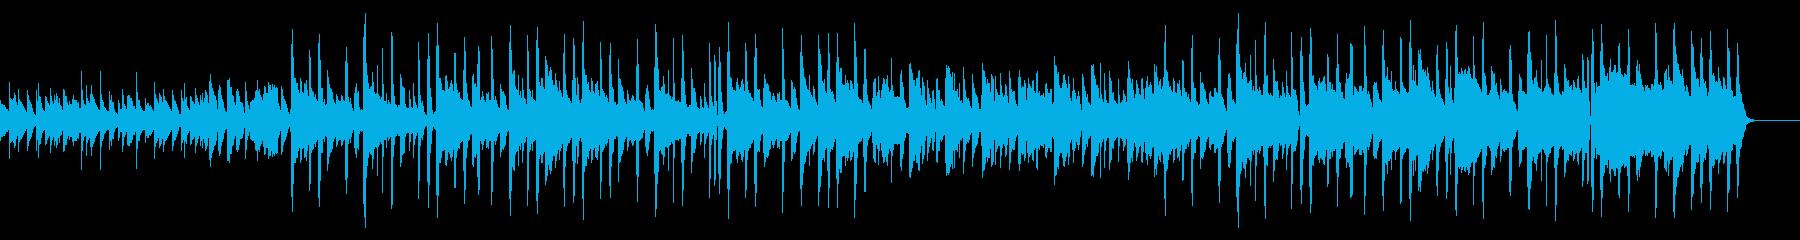 少し間抜けなゆるい日常系BGMの再生済みの波形